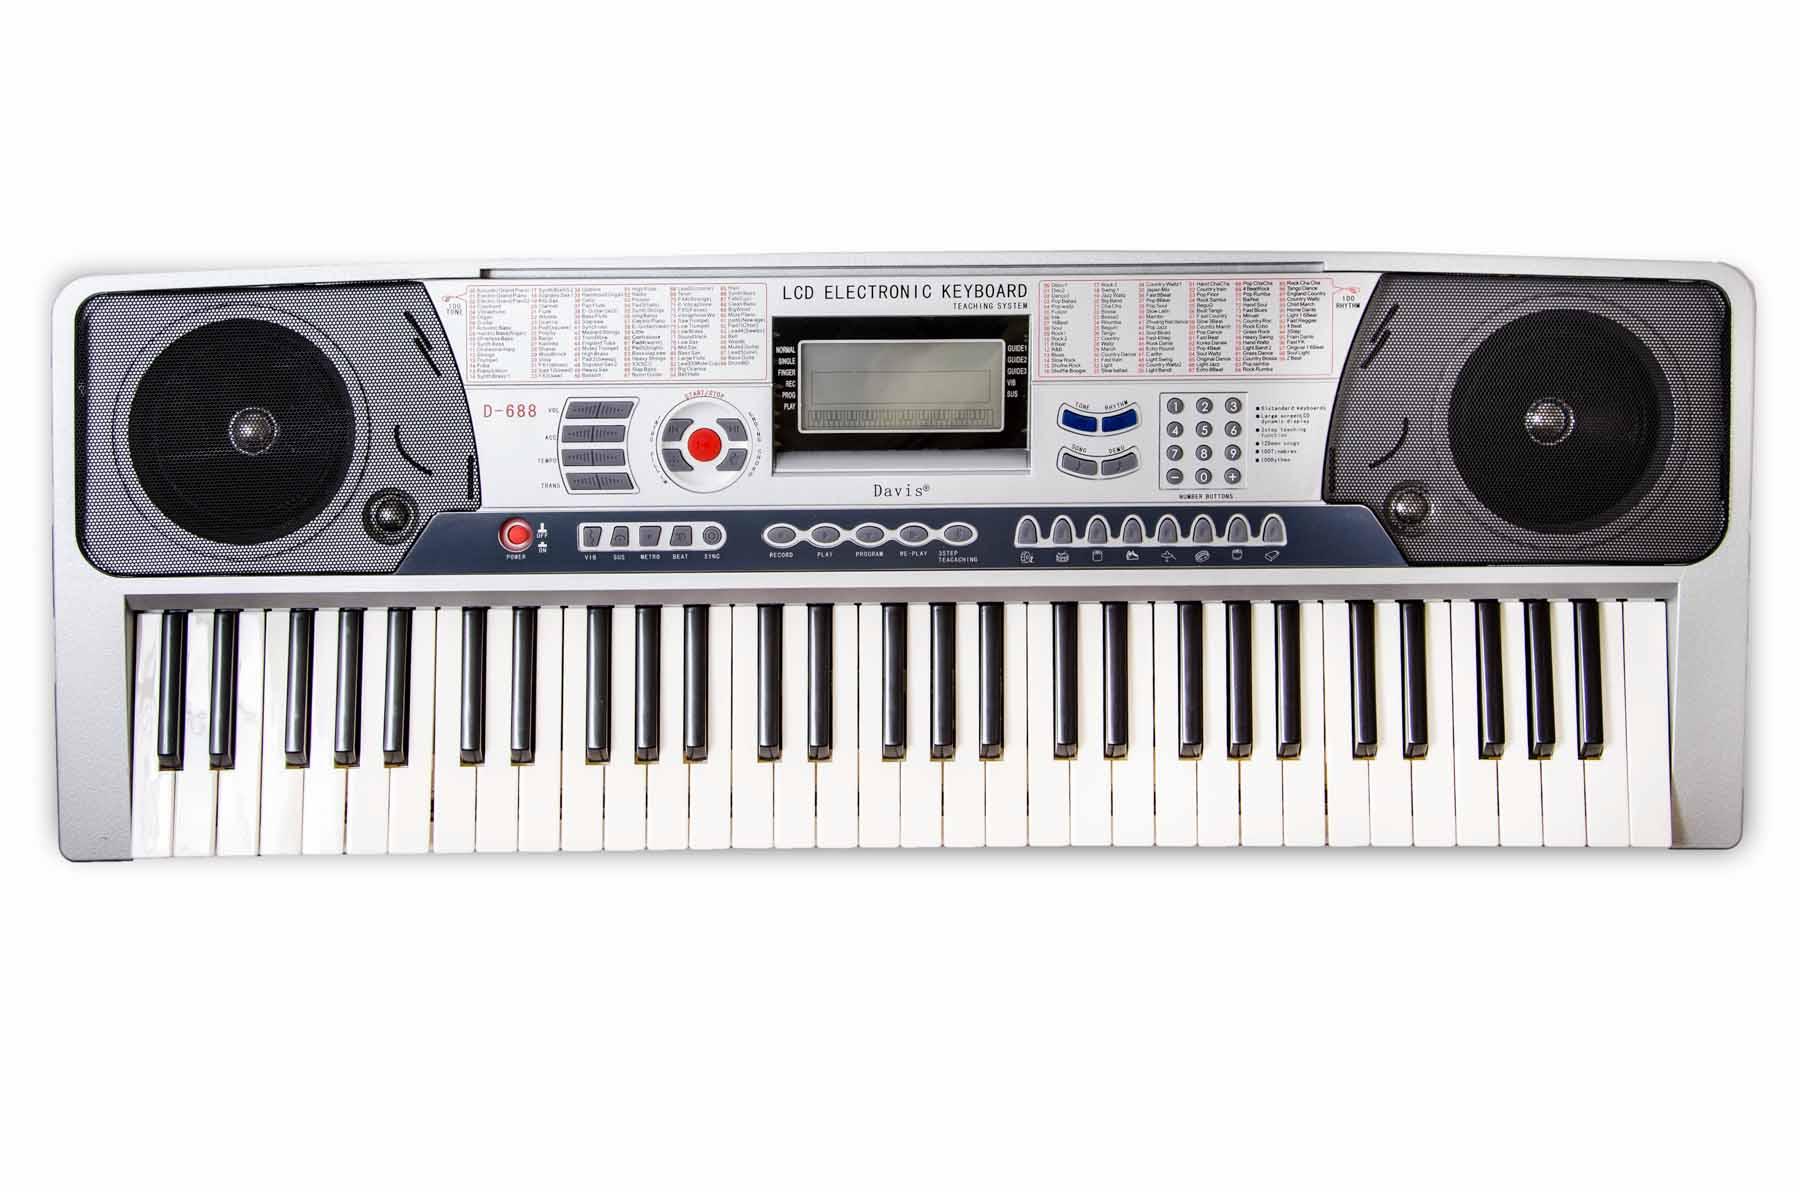 Davis Musical Instruments-D-688_0